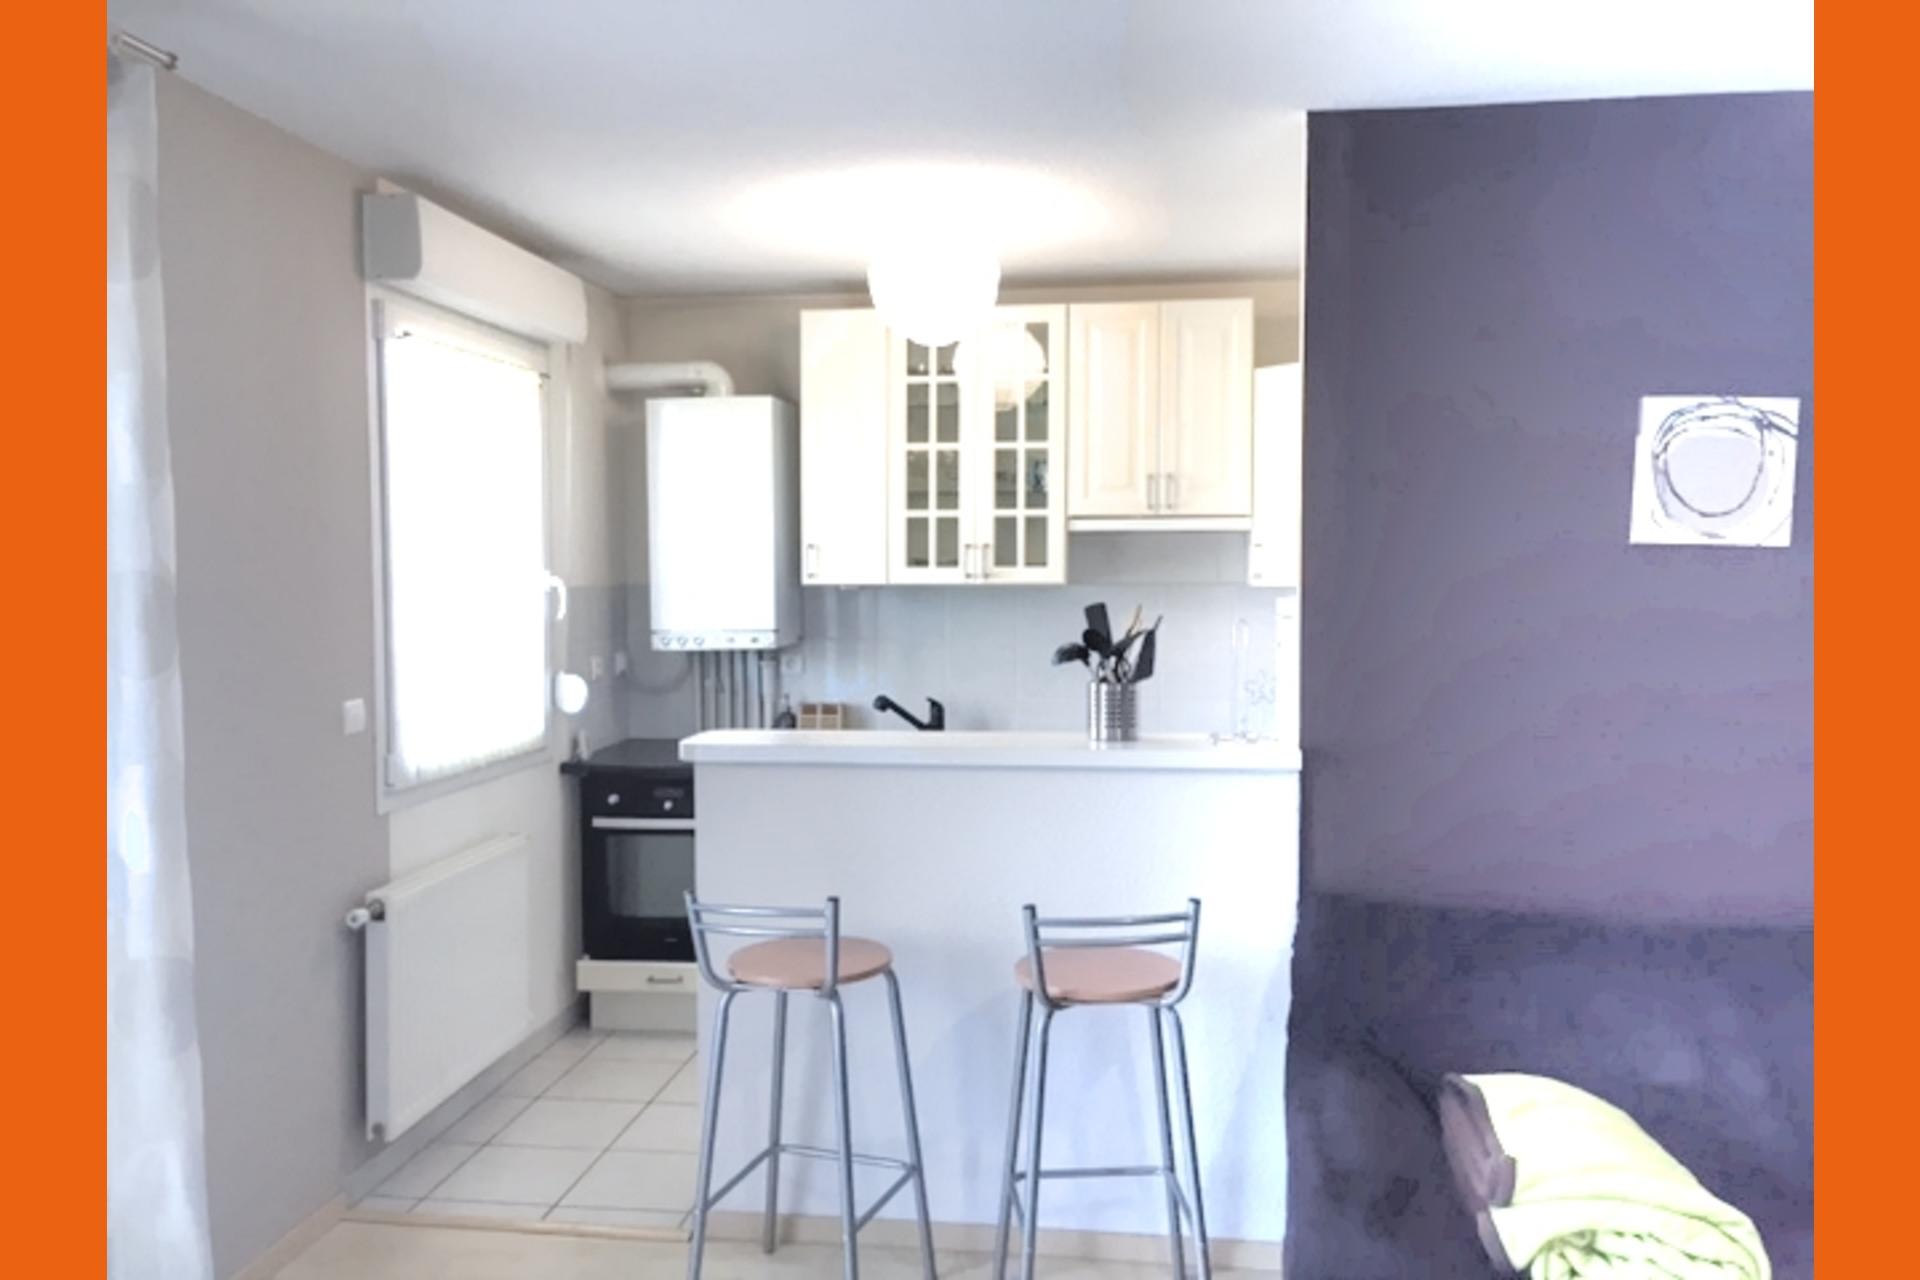 image 4 - Appartement À louer Moulins-lès-Metz - 2 pièces